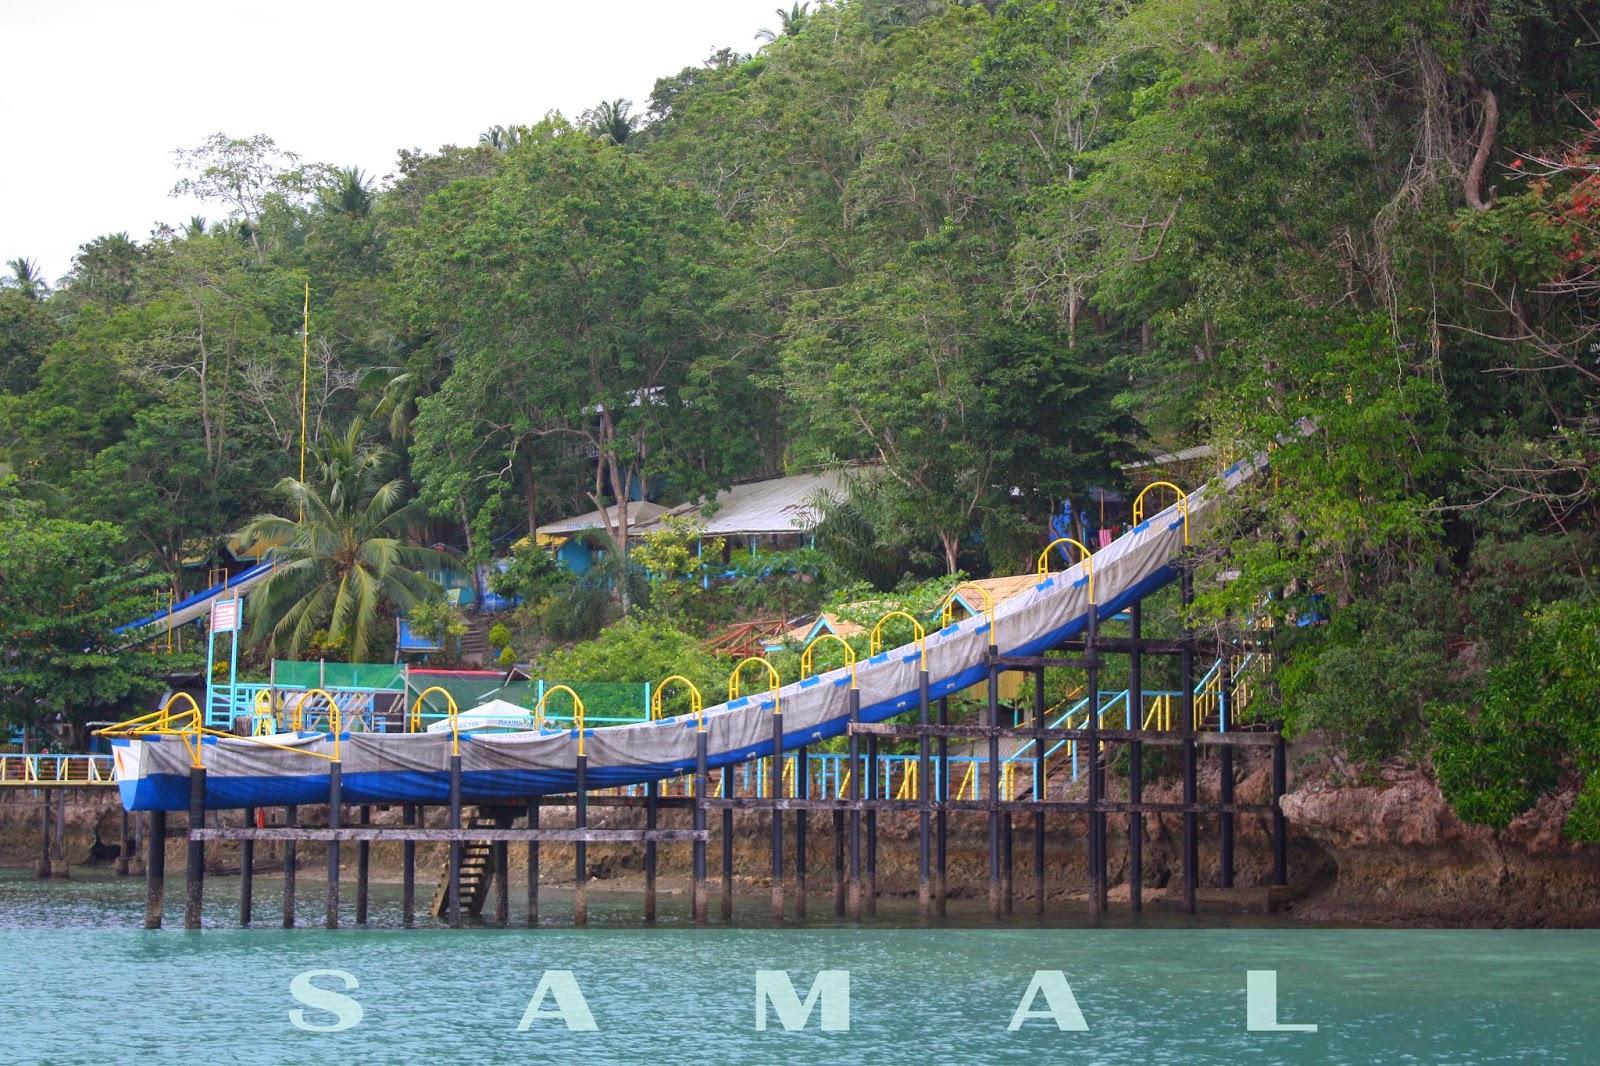 Maxima Aquafun Resort